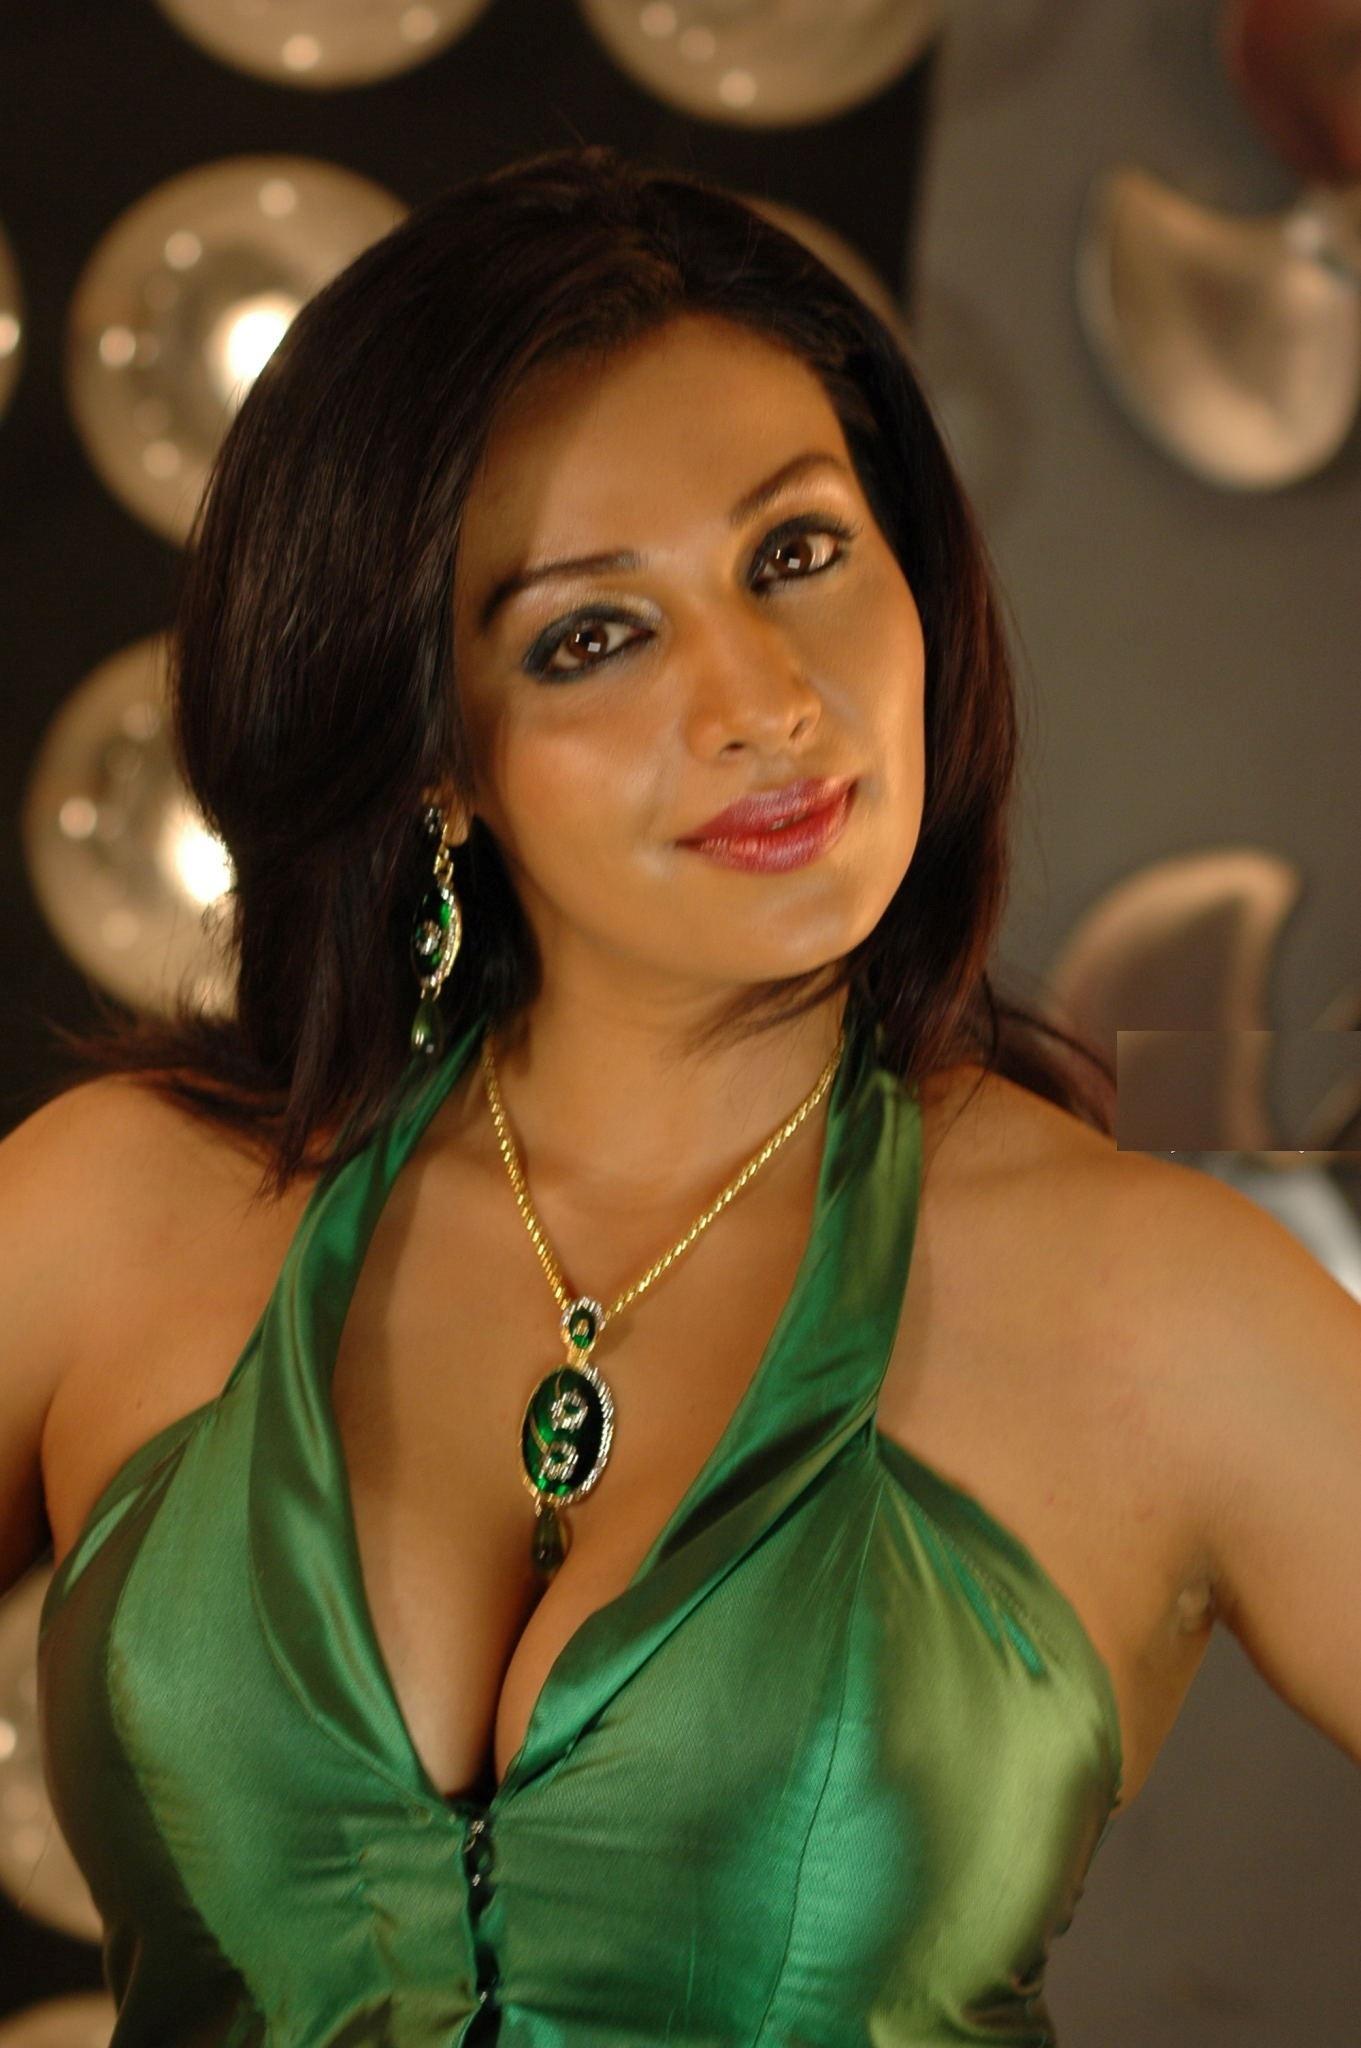 Bollywood bitch gif